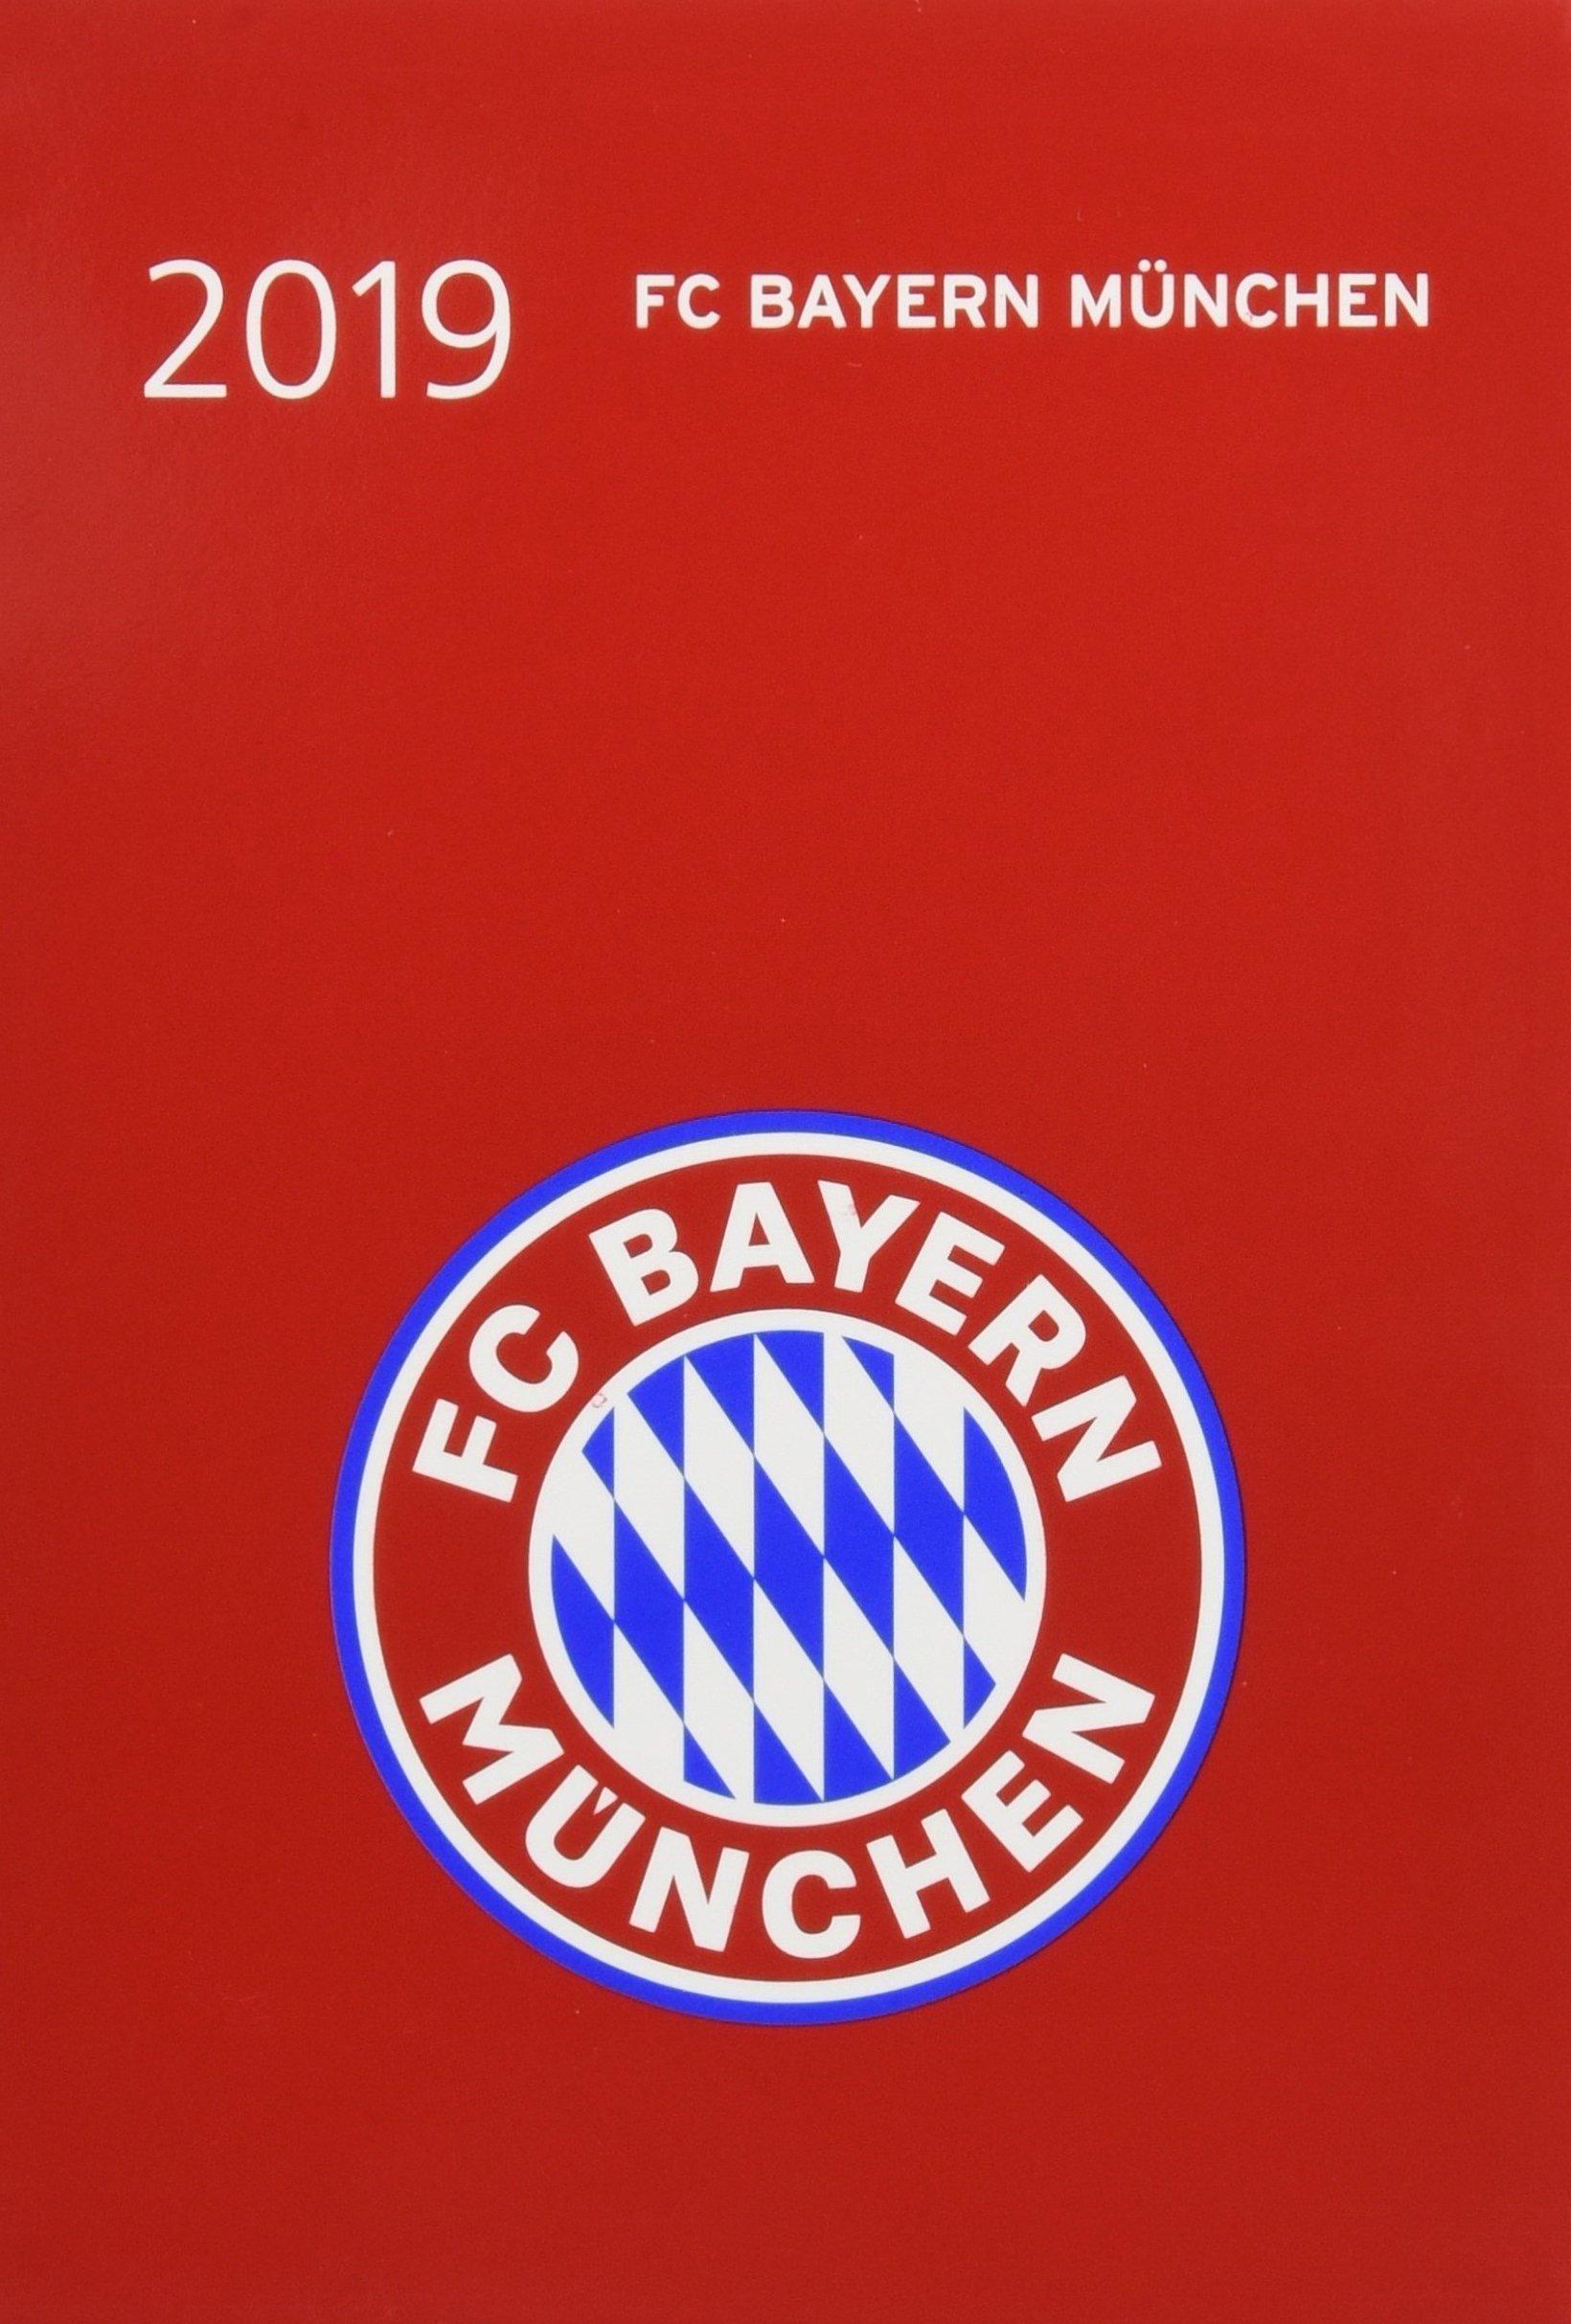 FC Bayern München 17-Monats-Kalenderbuch A6 - Kalender 2019: 17 Monate von August 2018 bis Dezember 2019.